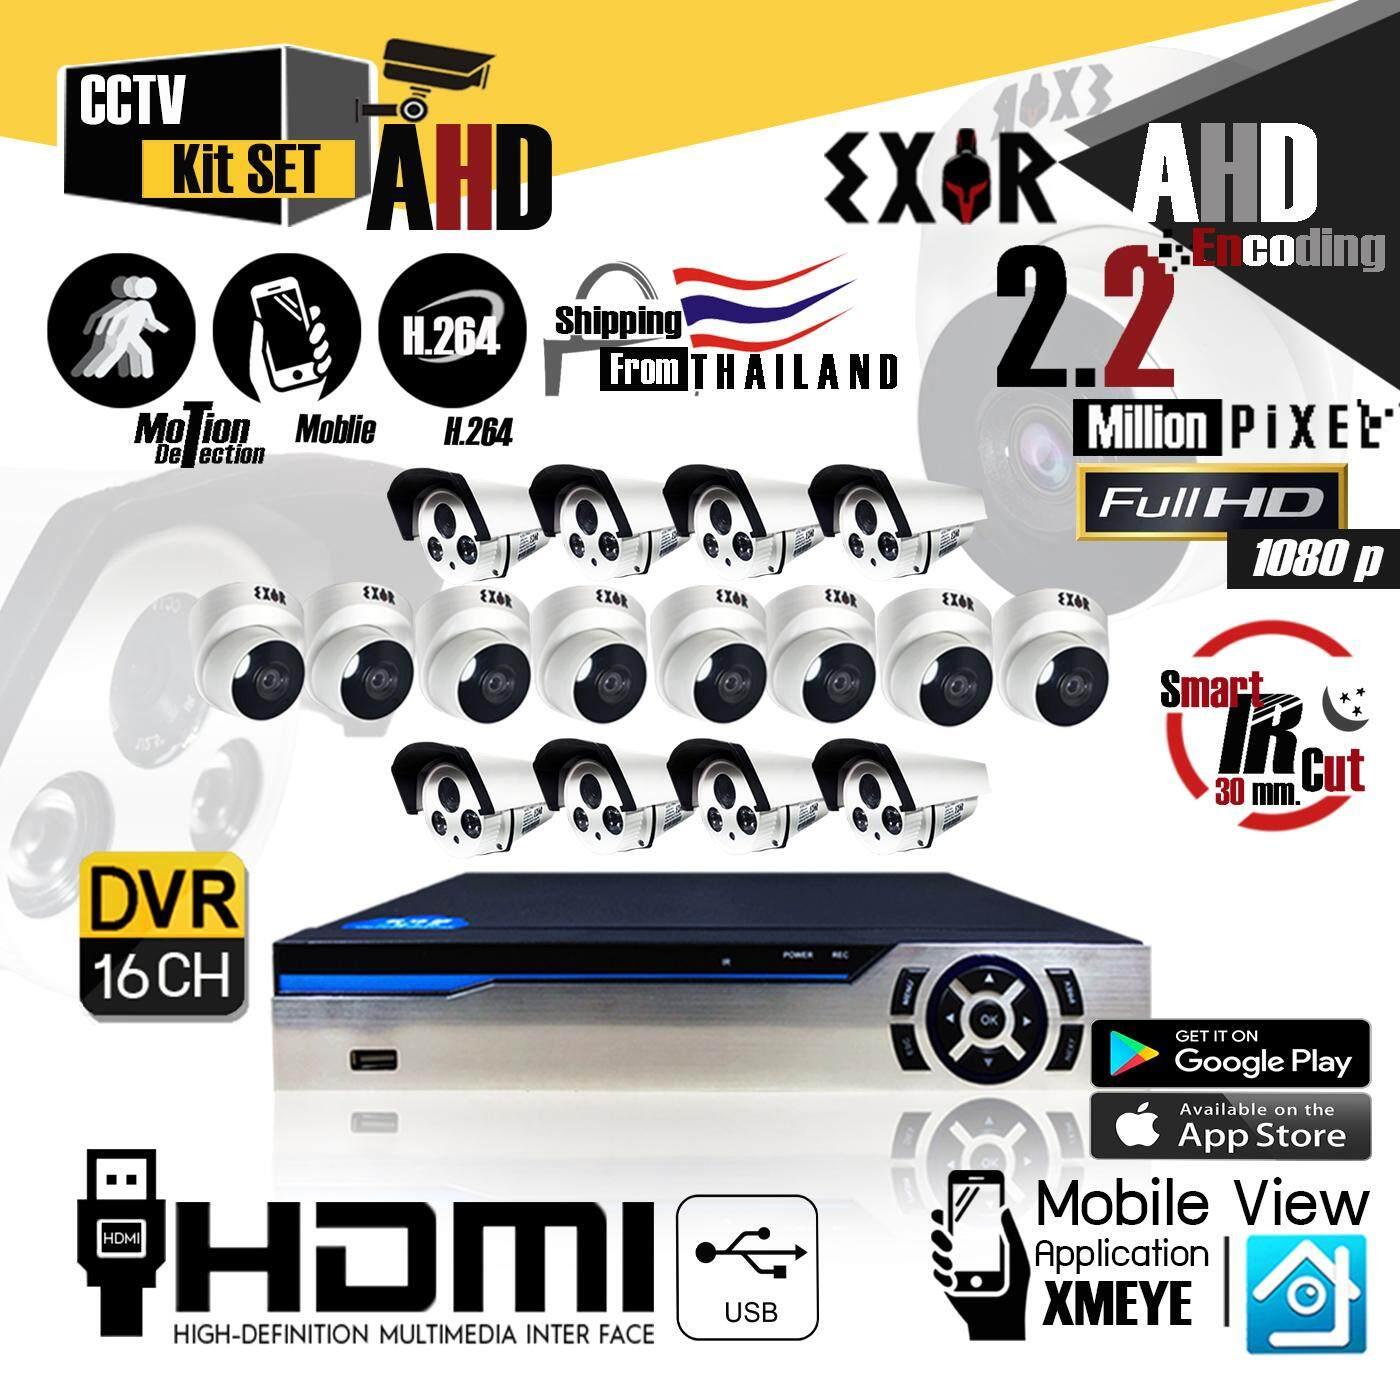 ลดราคาต่ำสุดฉลองยอดขาย ชุดกล้องวงจรปิด EXIR CCTV 16CH AHD Kit Set 2.2 ล้านพิกเซล Full HD 1080P กล้อง 16 ตัว ทรงกระบอก และ โดม 1 ตา เลนส์ 4mm IR cut / Night vision และ เครื่องบันทึก Full HD DVR 16 CH 6 in 1 DIUS ( DTR-AFS1080B16BN ) ภาพคมชัดและถูกที่สุด